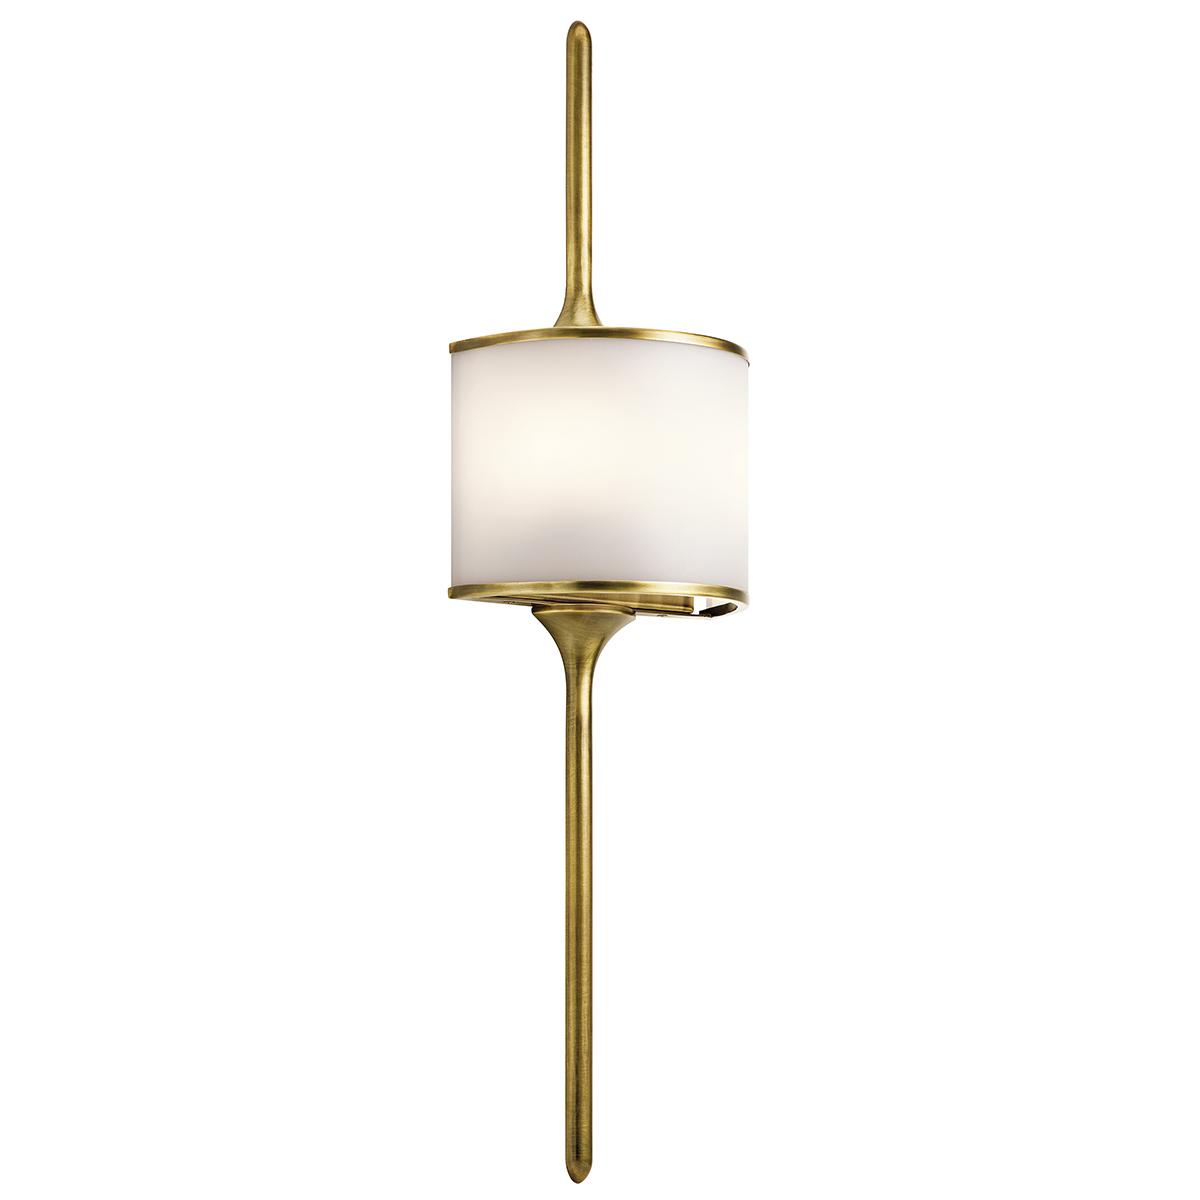 ELSTEAD – Mona 2lt Wall Light Natural Brass